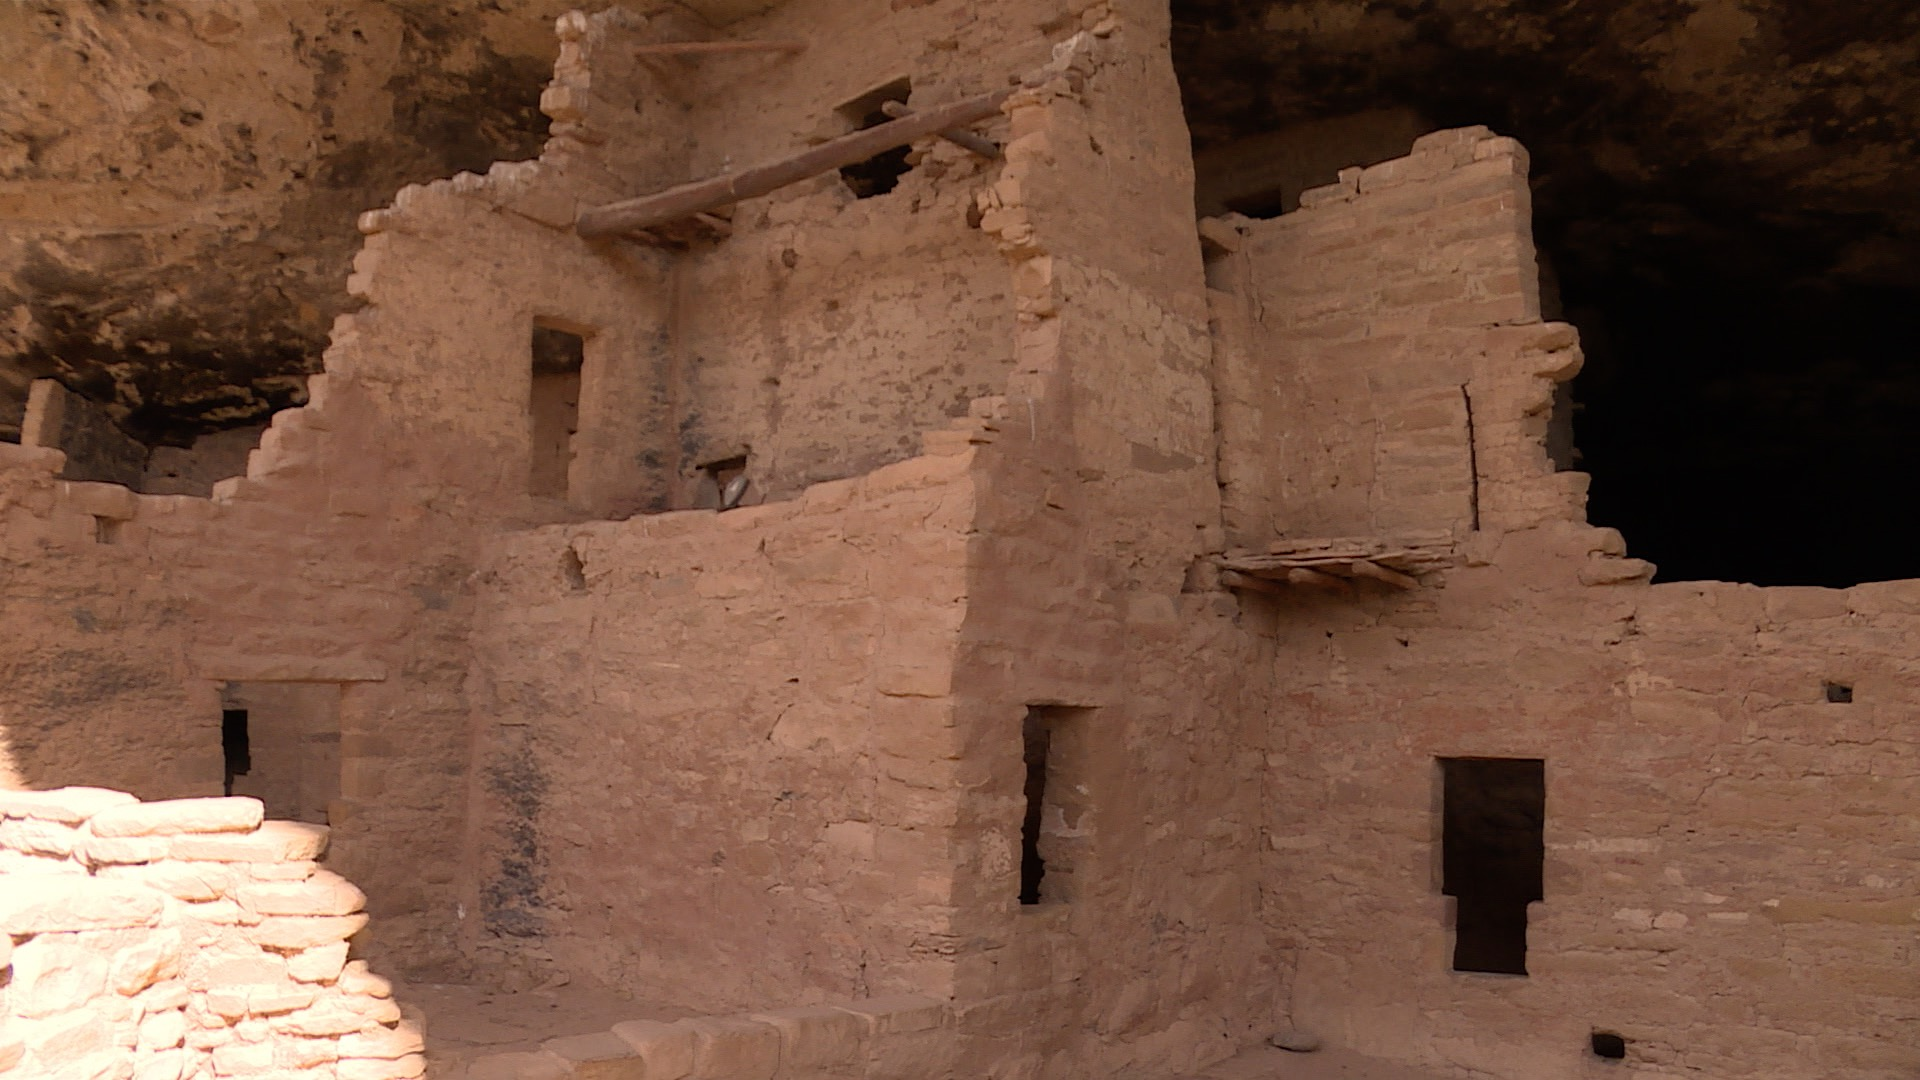 Mesa Verde 2.jpg